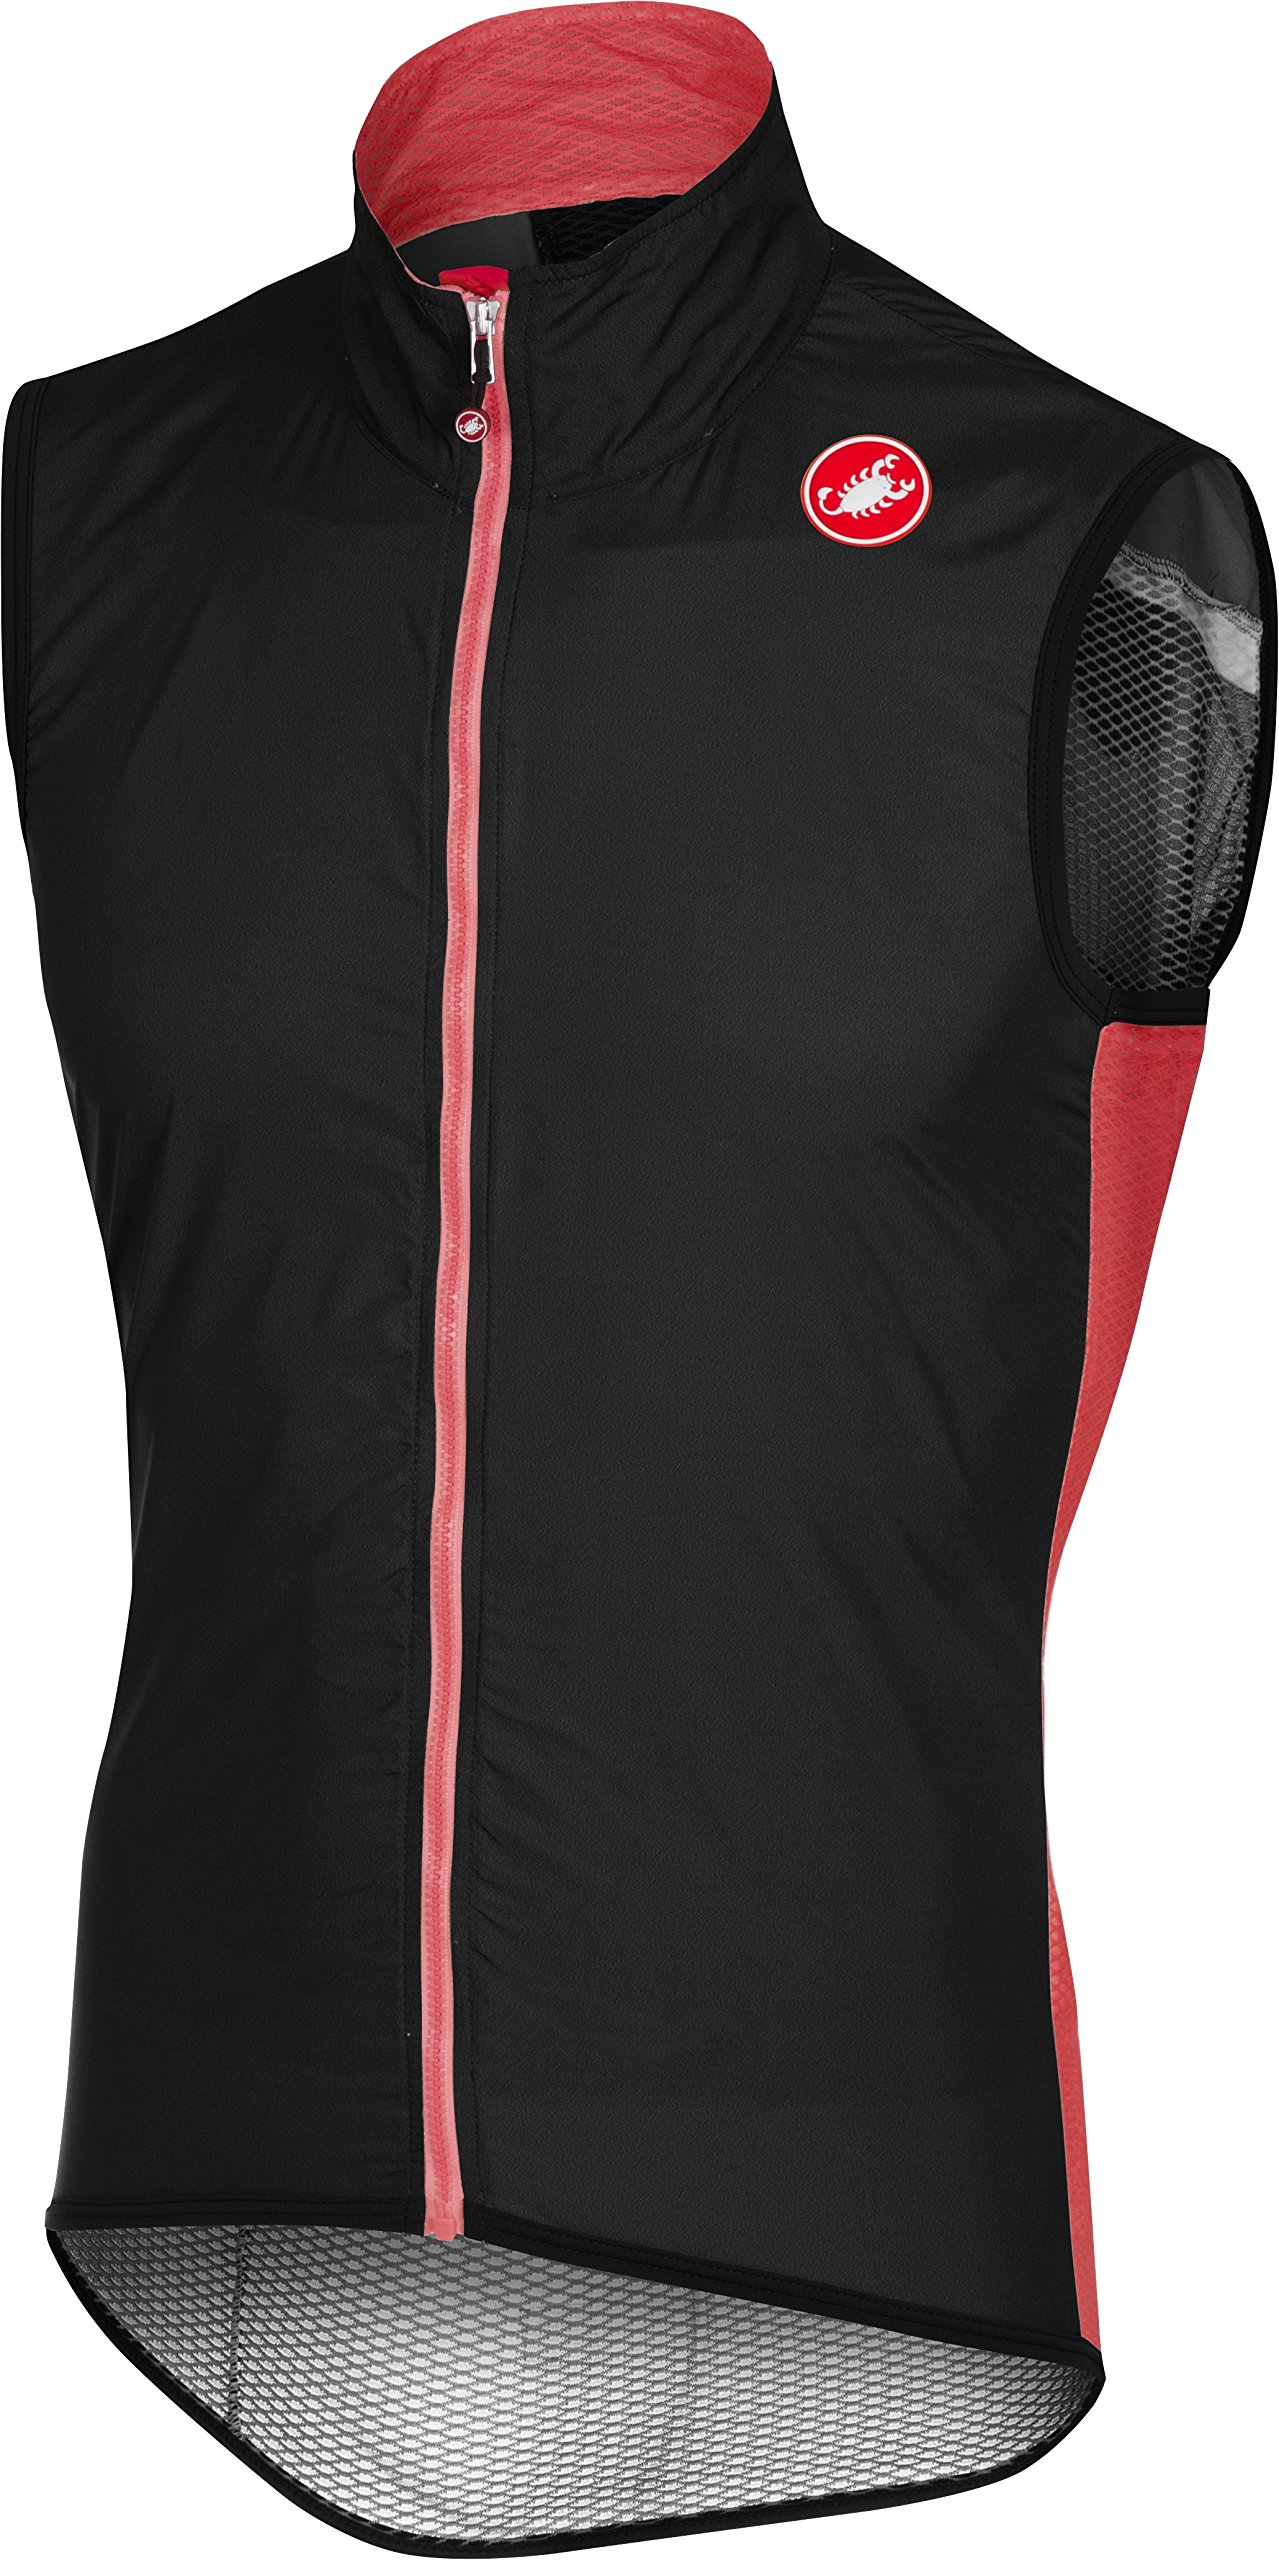 Castelli Pro Light Wind Vest - Men's Black, M by Castelli